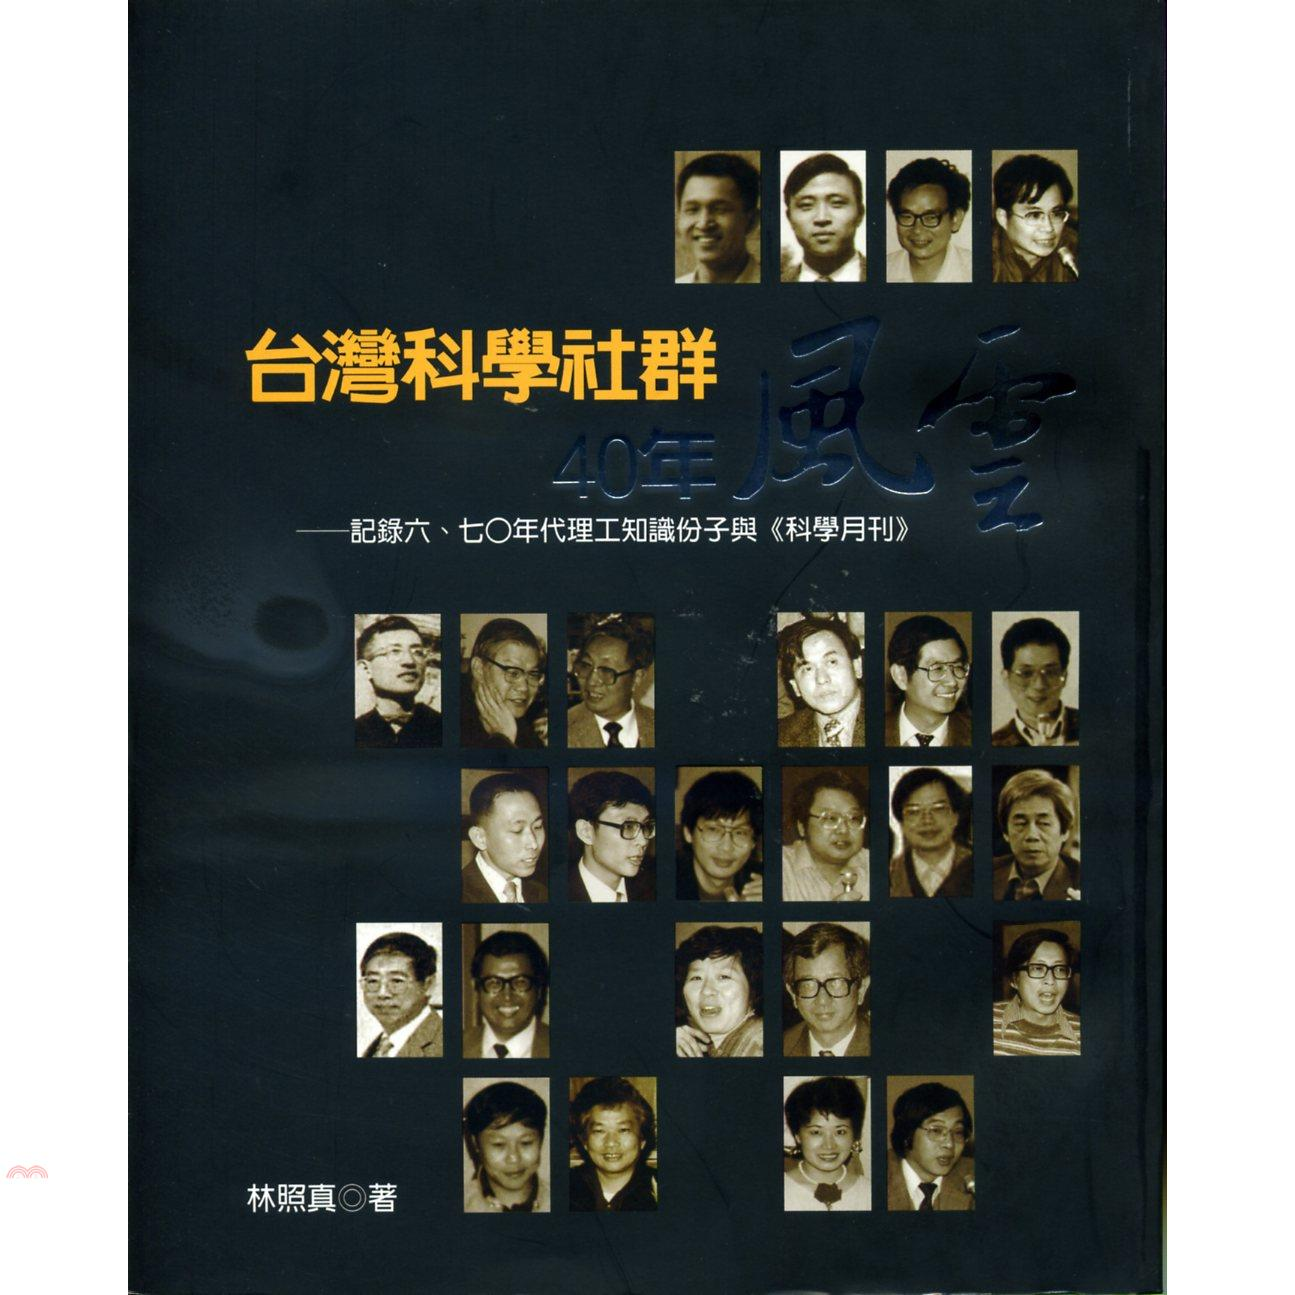 台灣科學社群40年風雲:記錄六、七0年代理工知識份子與《科學月刊》[85折]